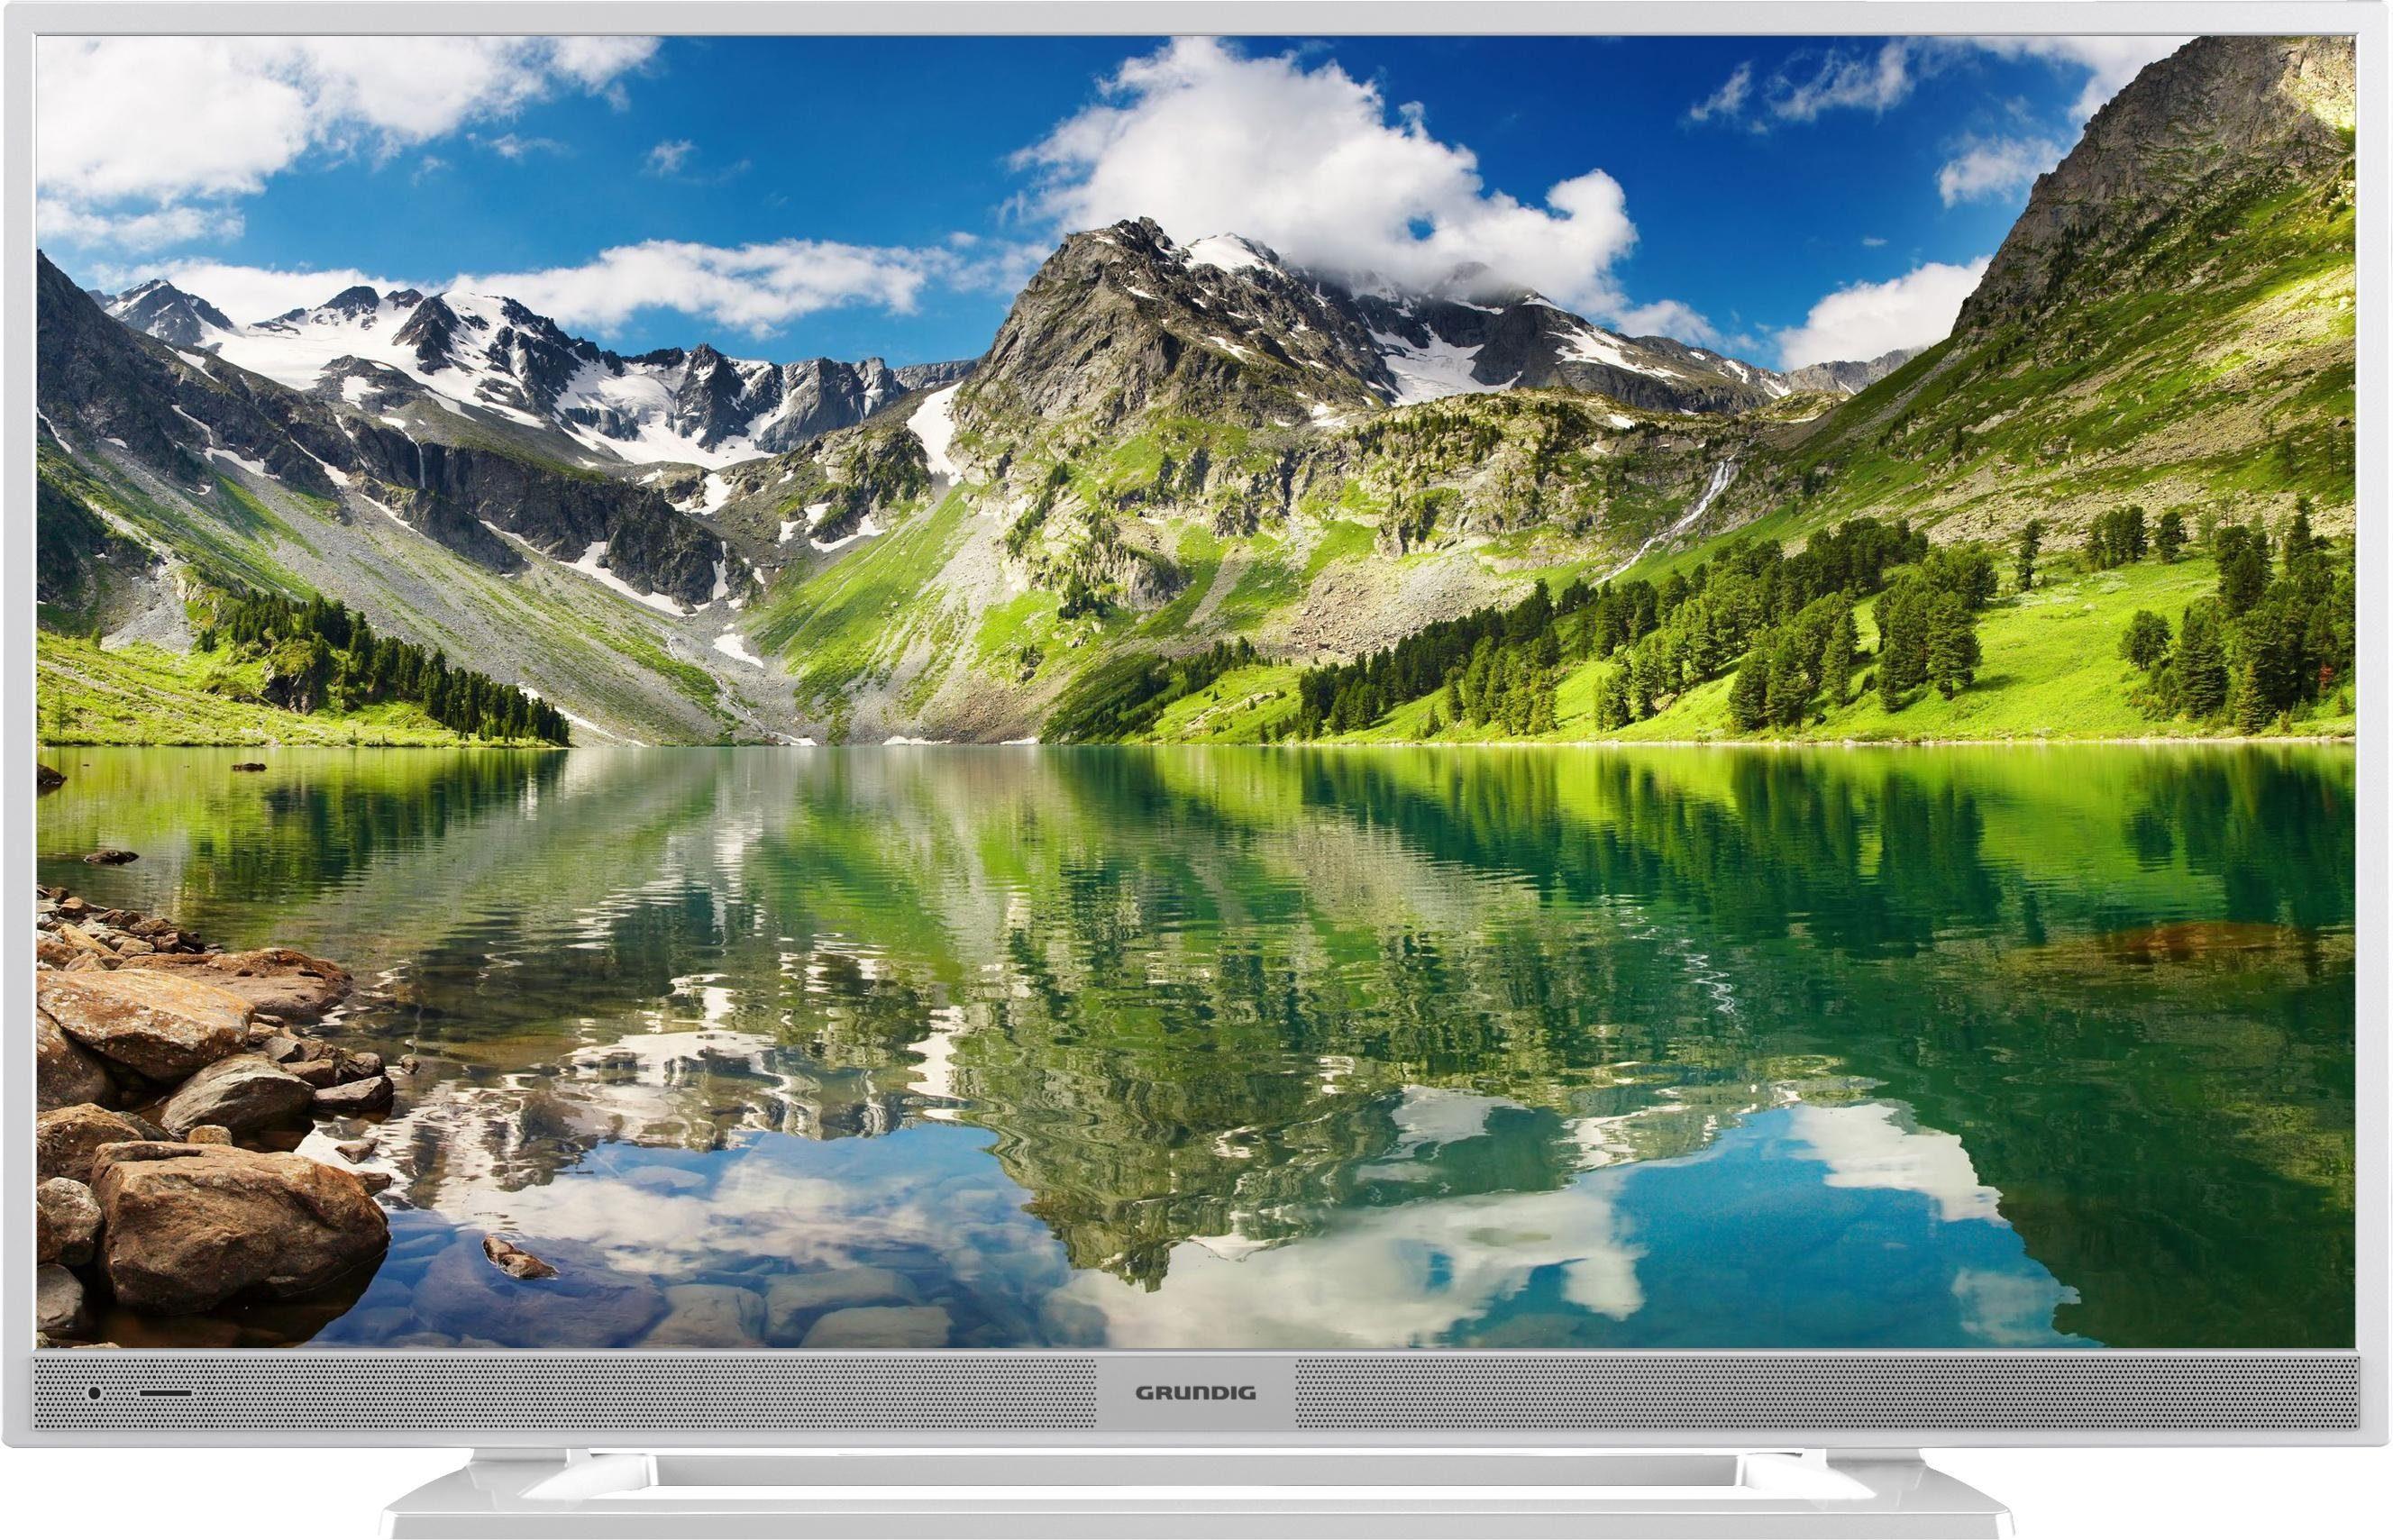 Grundig 28 GHW 5600, LED Fernseher, 70 cm (28 Zoll), WUXGA 1366 x 768